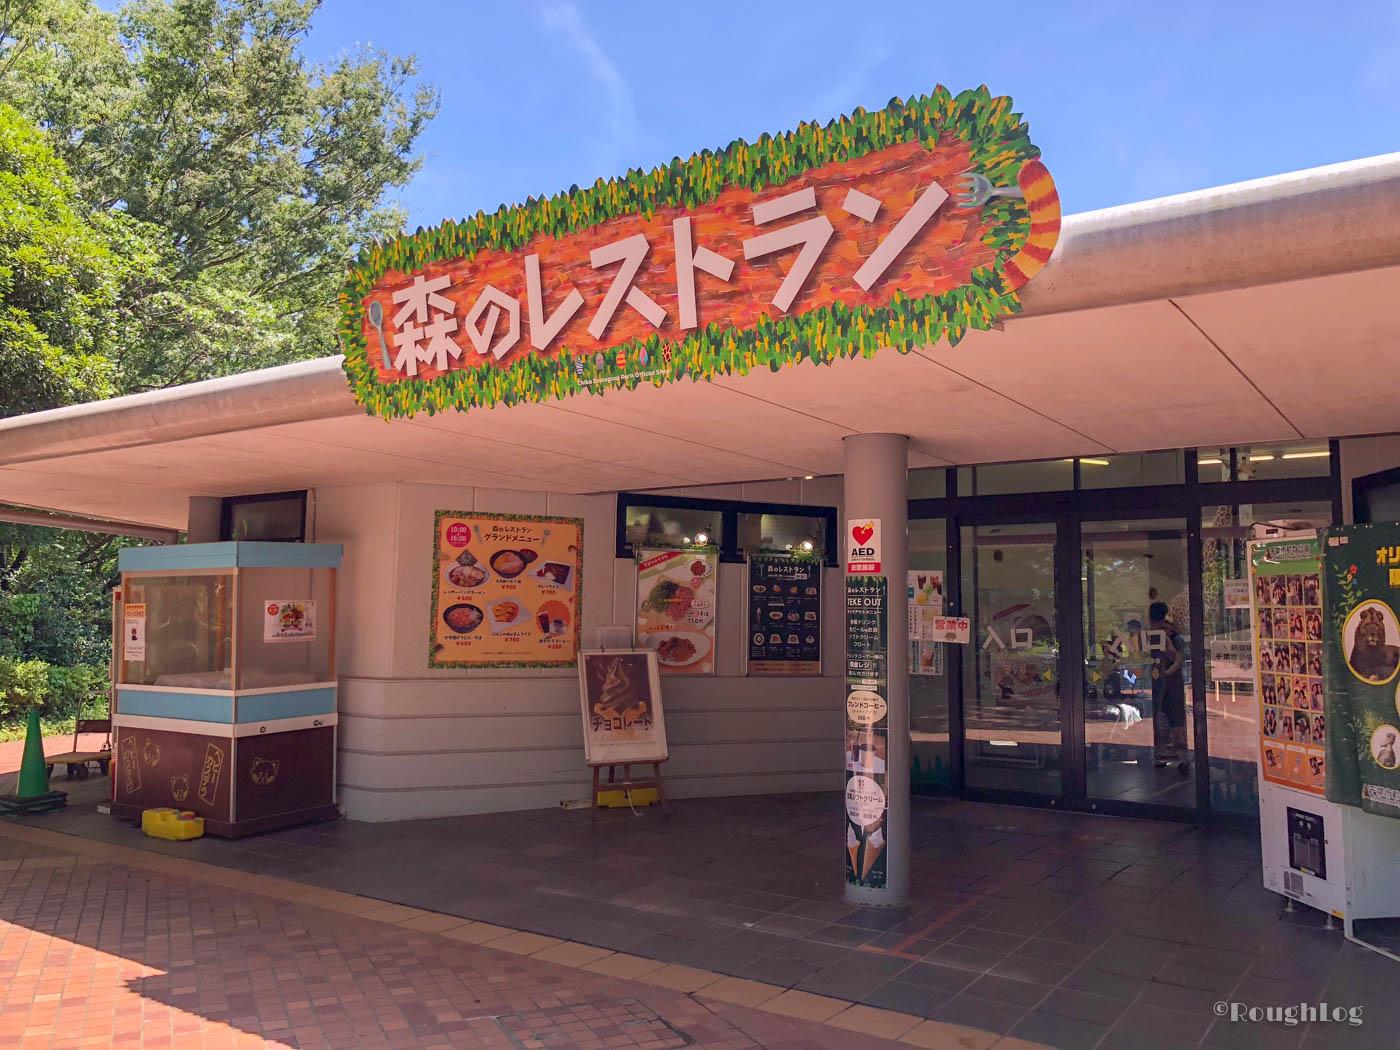 千葉市動物公園のレストランで昼食